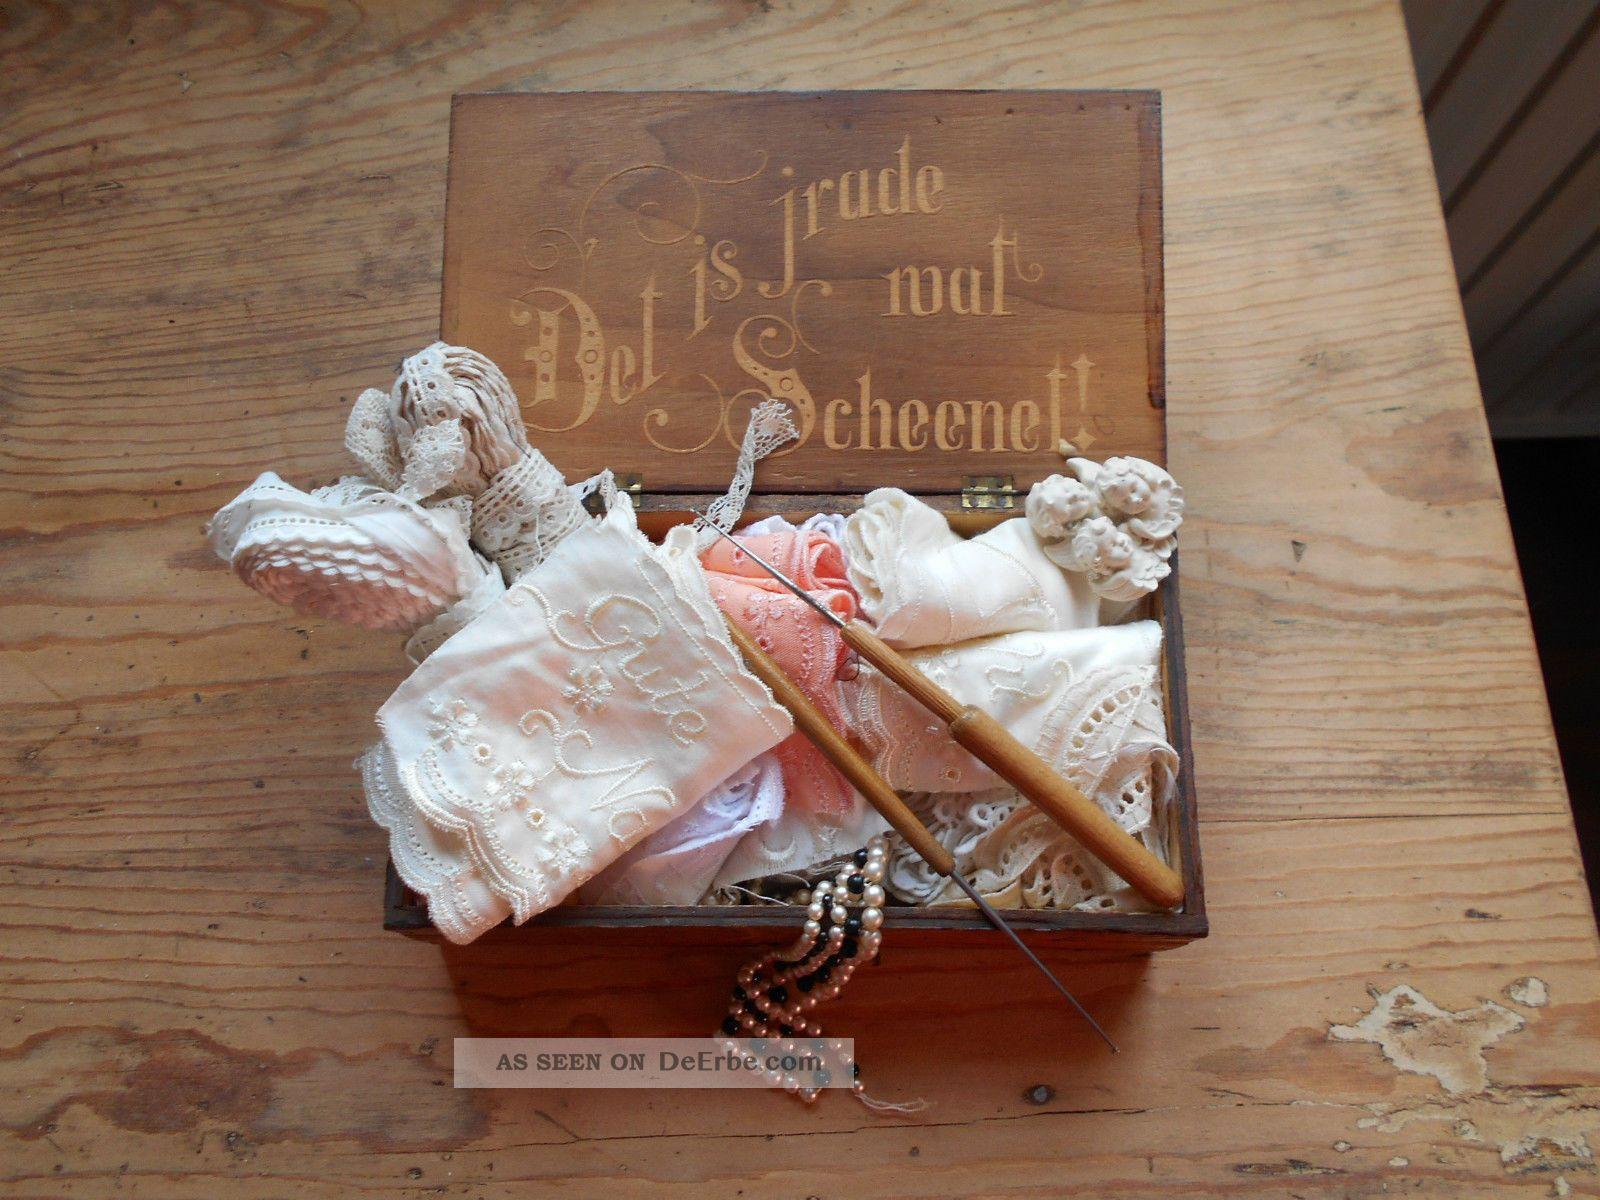 Kästchen Mit Inschrift Gefüllt Mit Alten Spitzen Und Schönen Dingen Textilien & Weißwäsche Bild